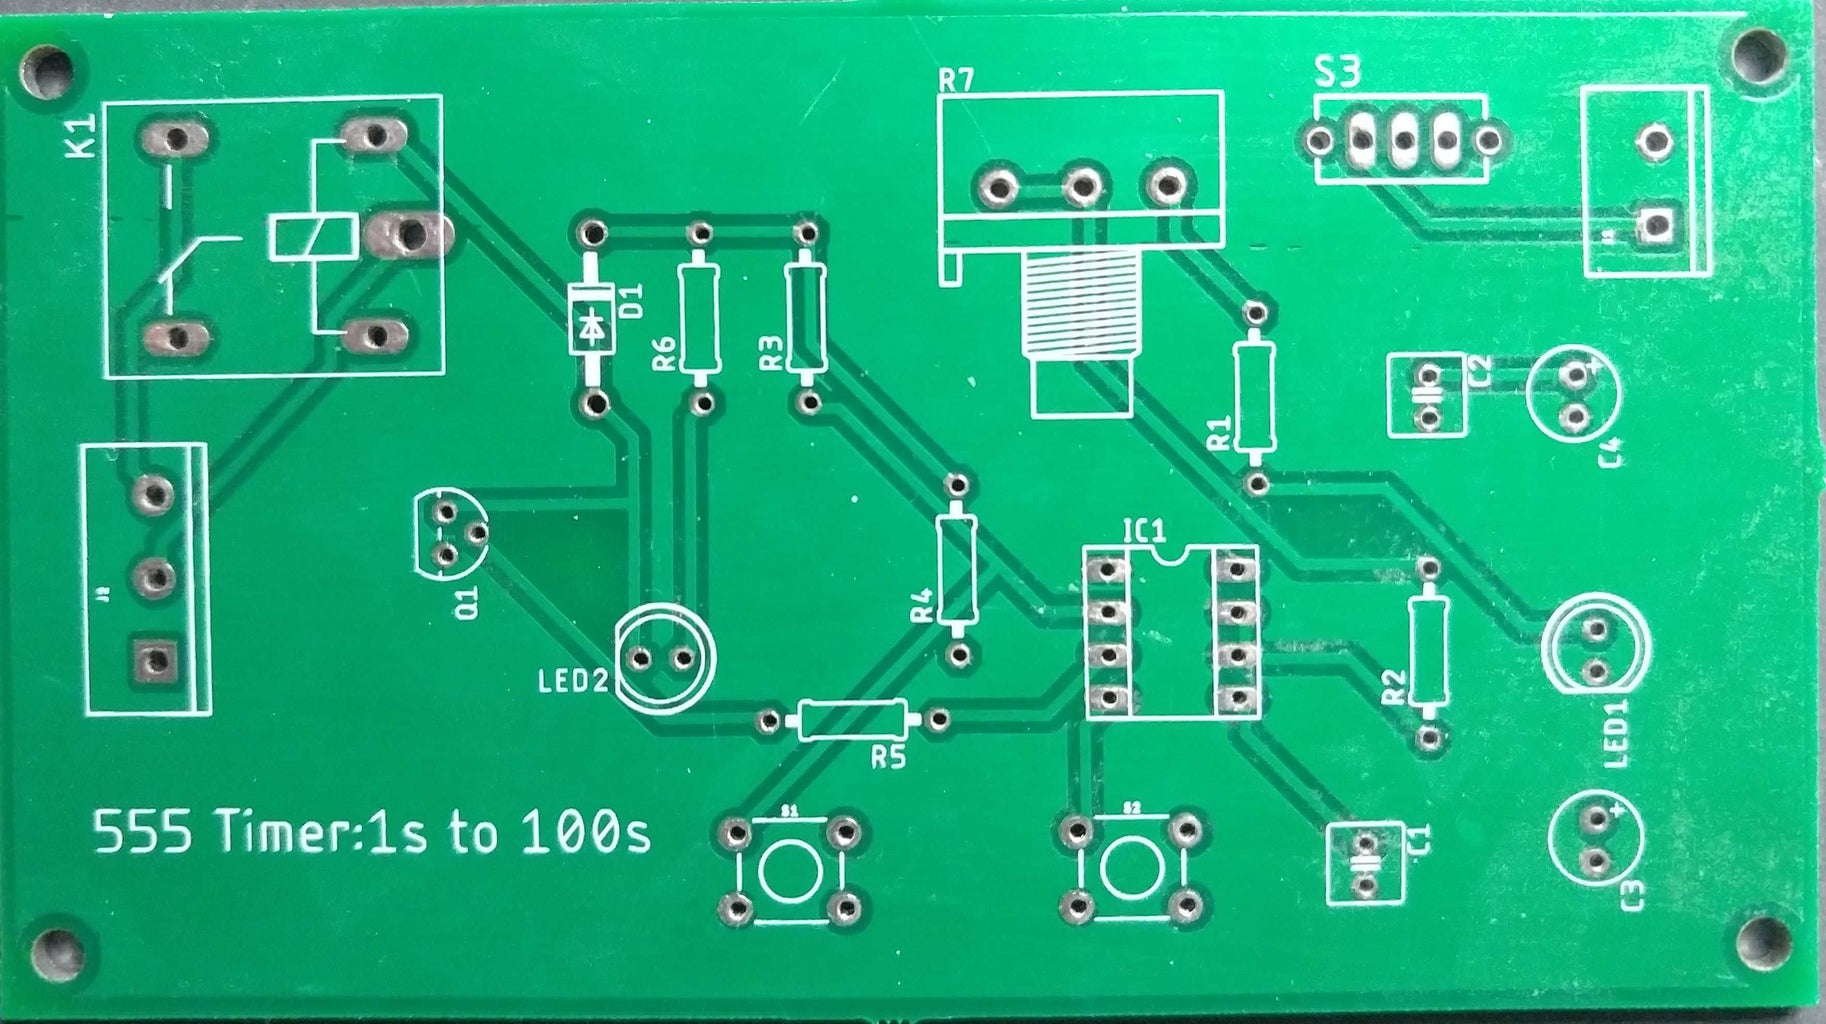 Fabricated Board